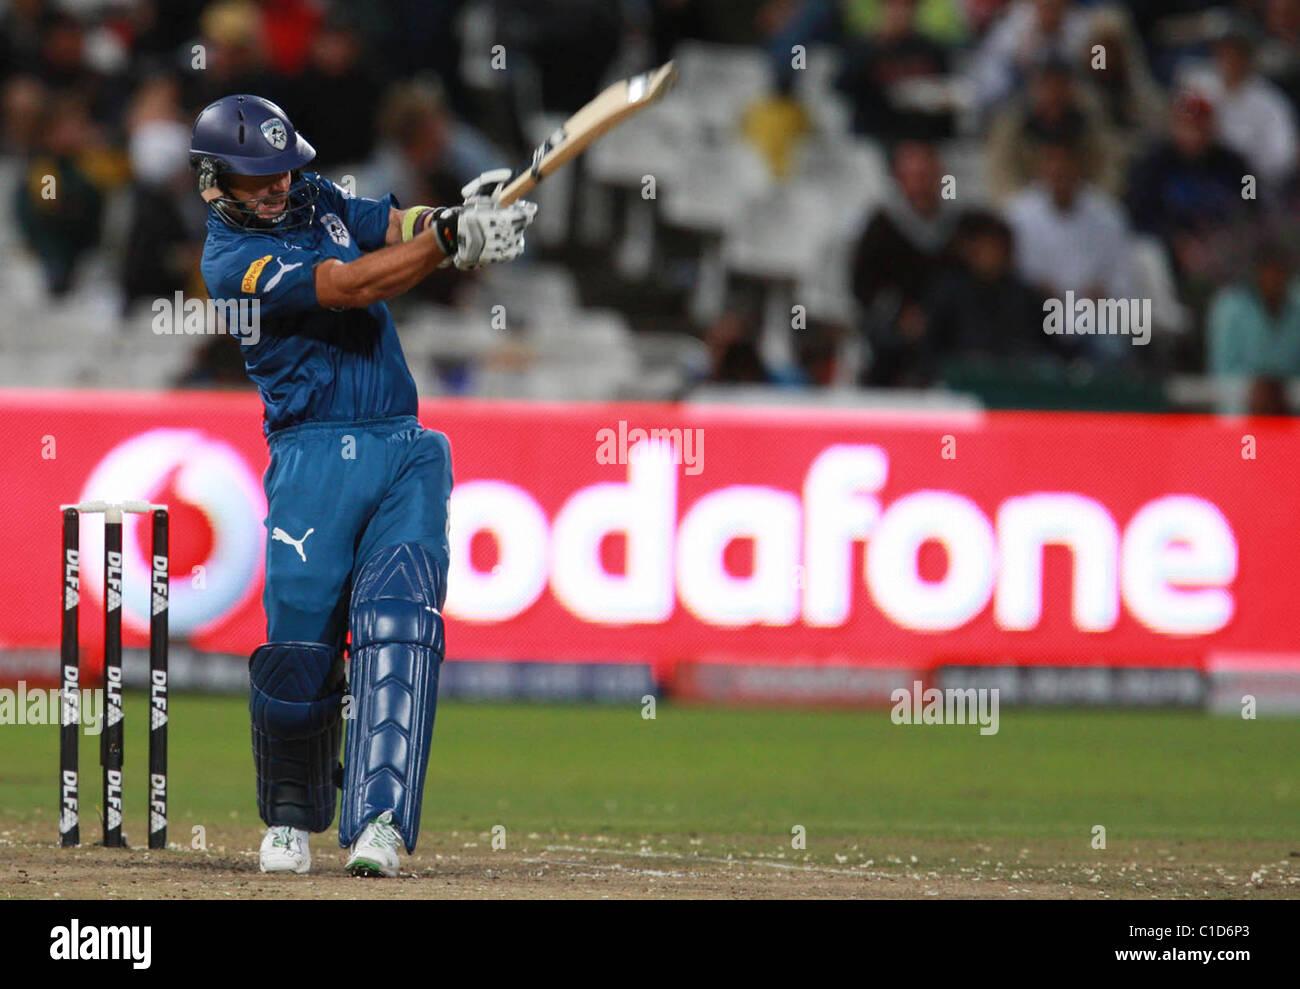 Chargeurs Deccan Herschelle Gibbs en action au cours de la vingtaine d'IPL20 match au Stade de Cricket Newlands Photo Stock